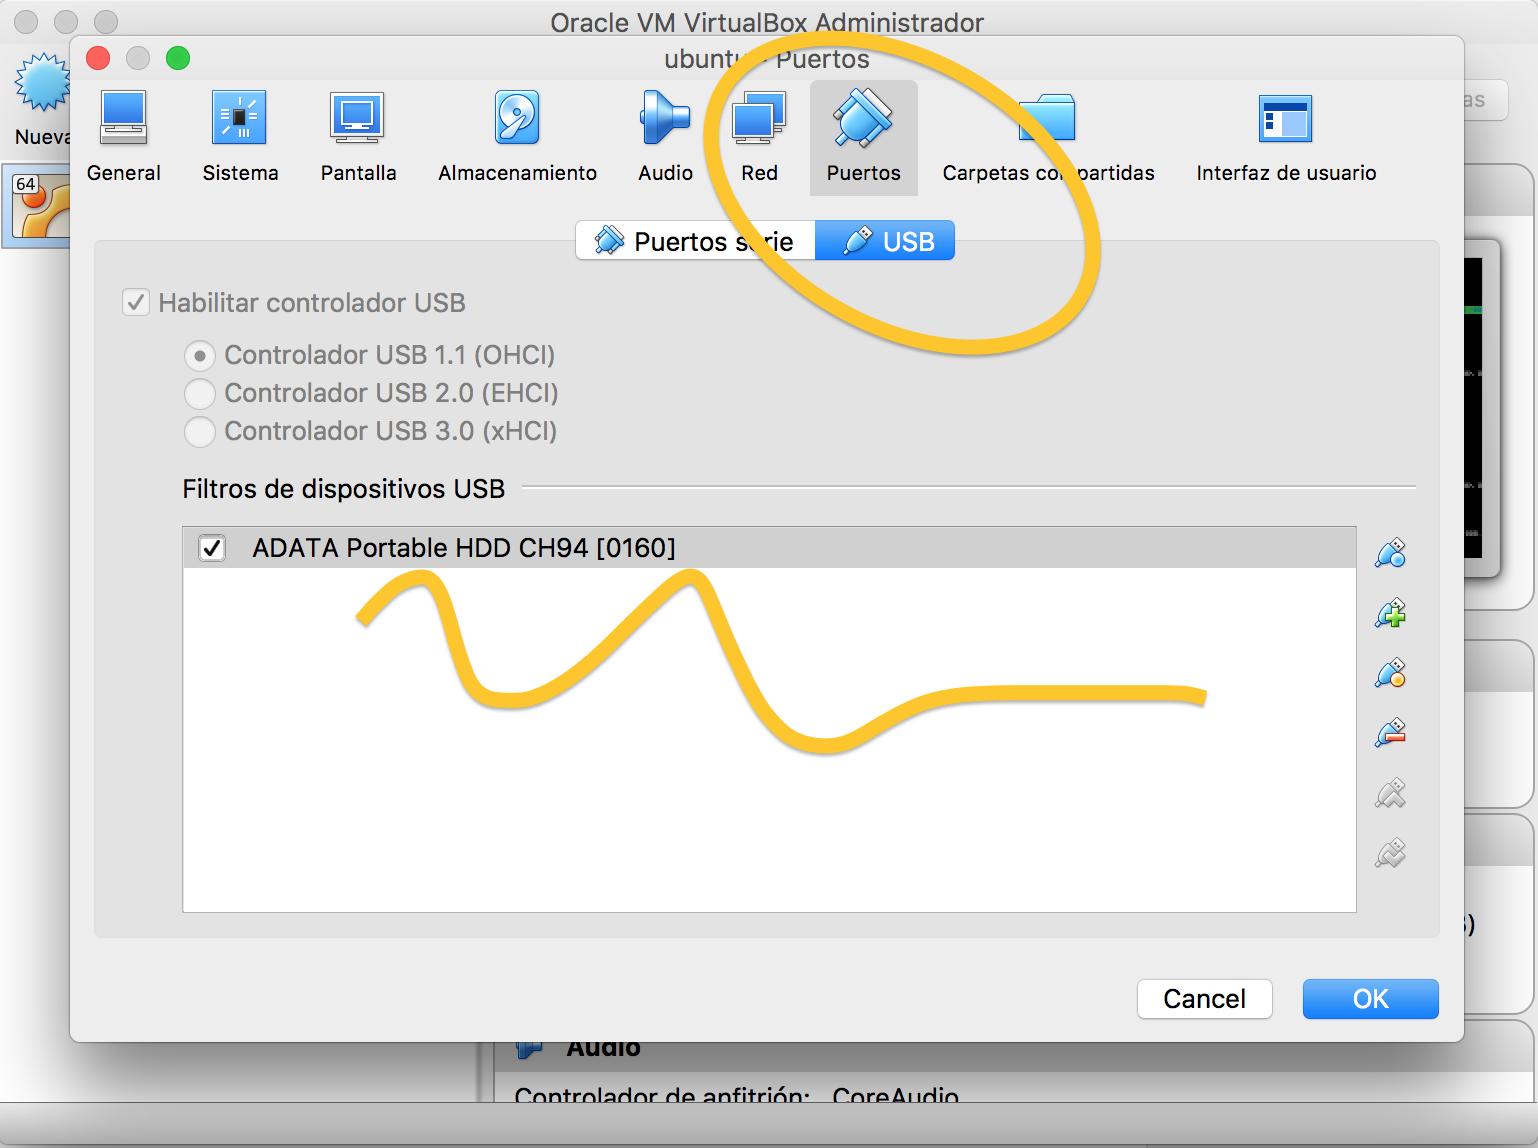 Añadimos el disco duro externo en VirtualBox